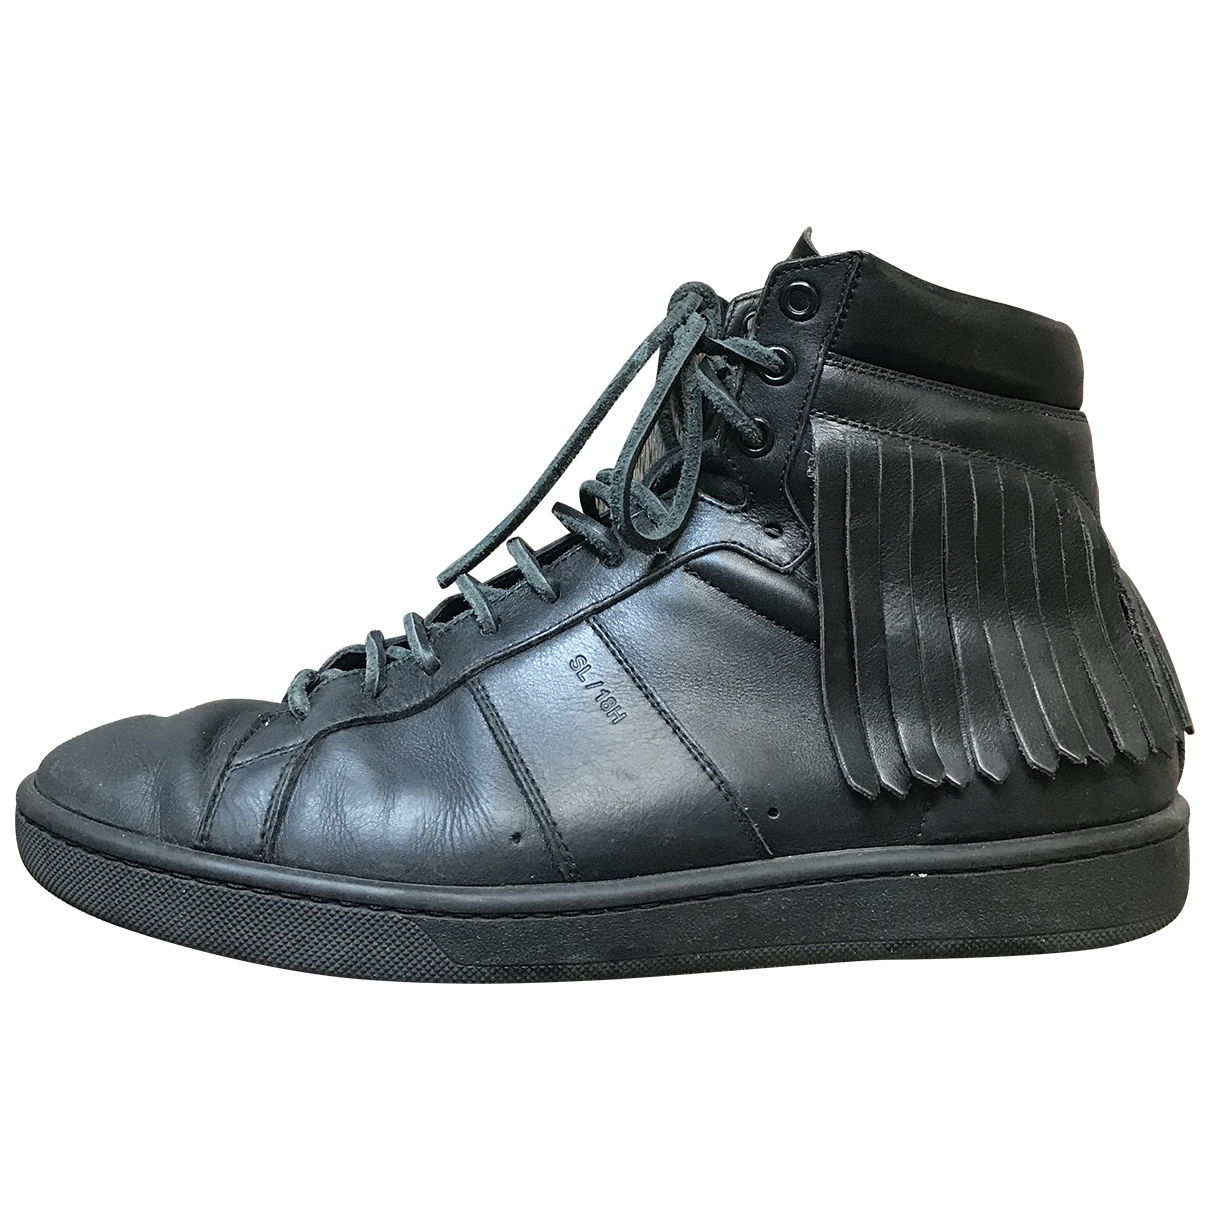 Saint Laurent SL/100H Black Leather Trainers for Men 40 EU